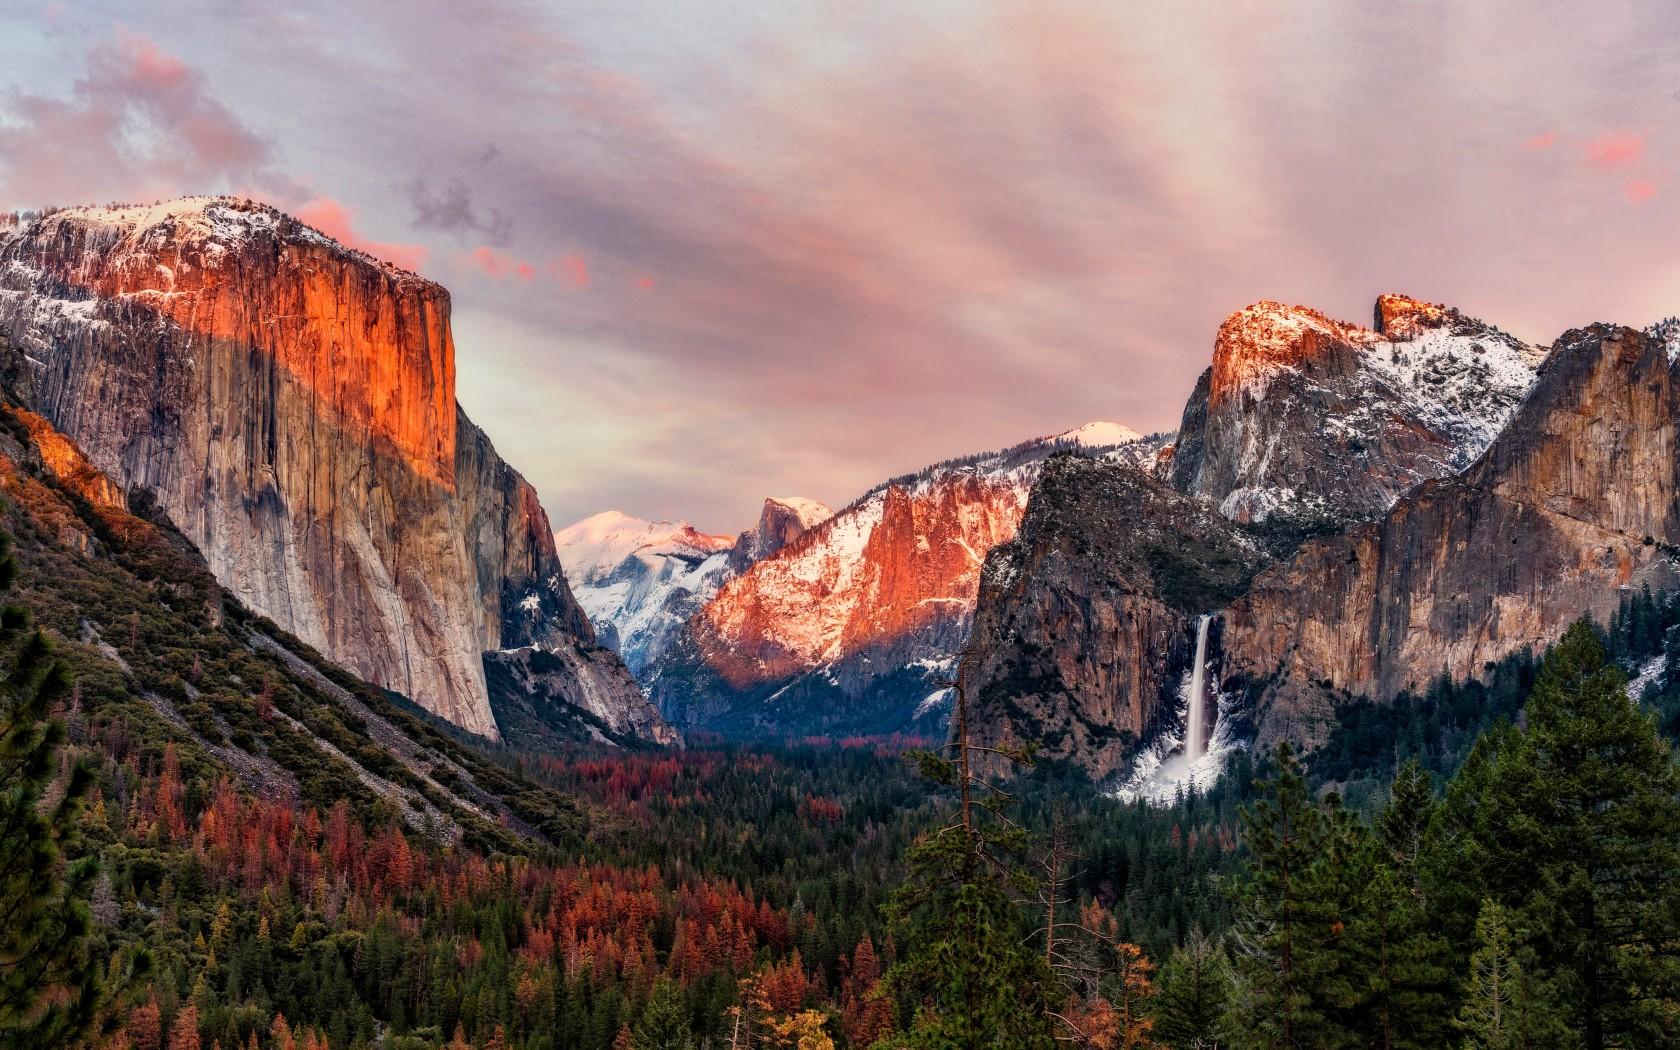 4k Uhd Wallpapers Of Cars El Capitan Yosemite Valley 4k Wallpapers Hd Wallpapers